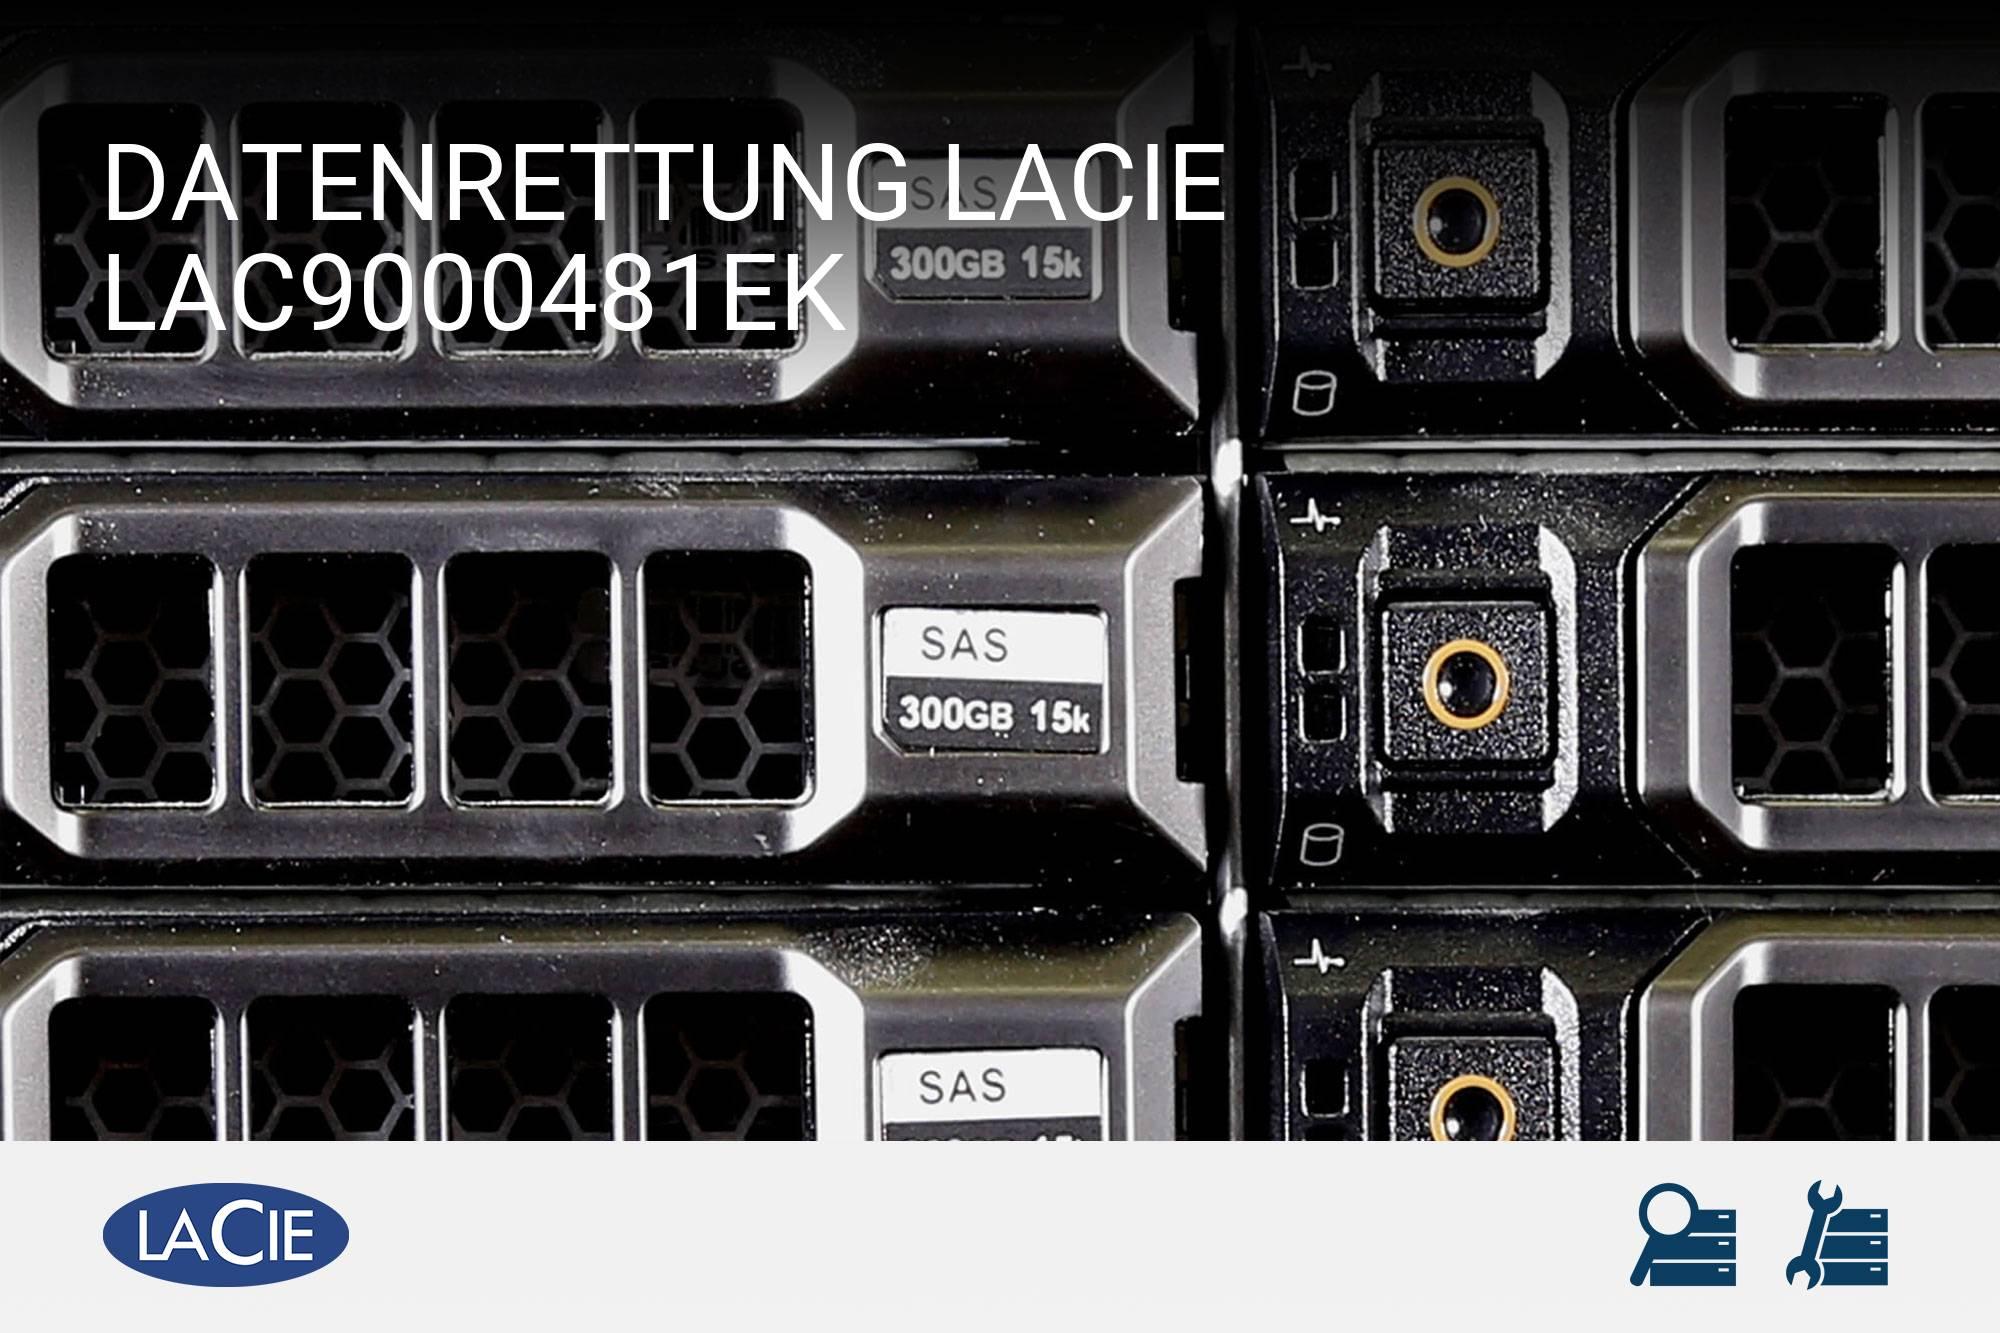 LaCie LAC9000481EK